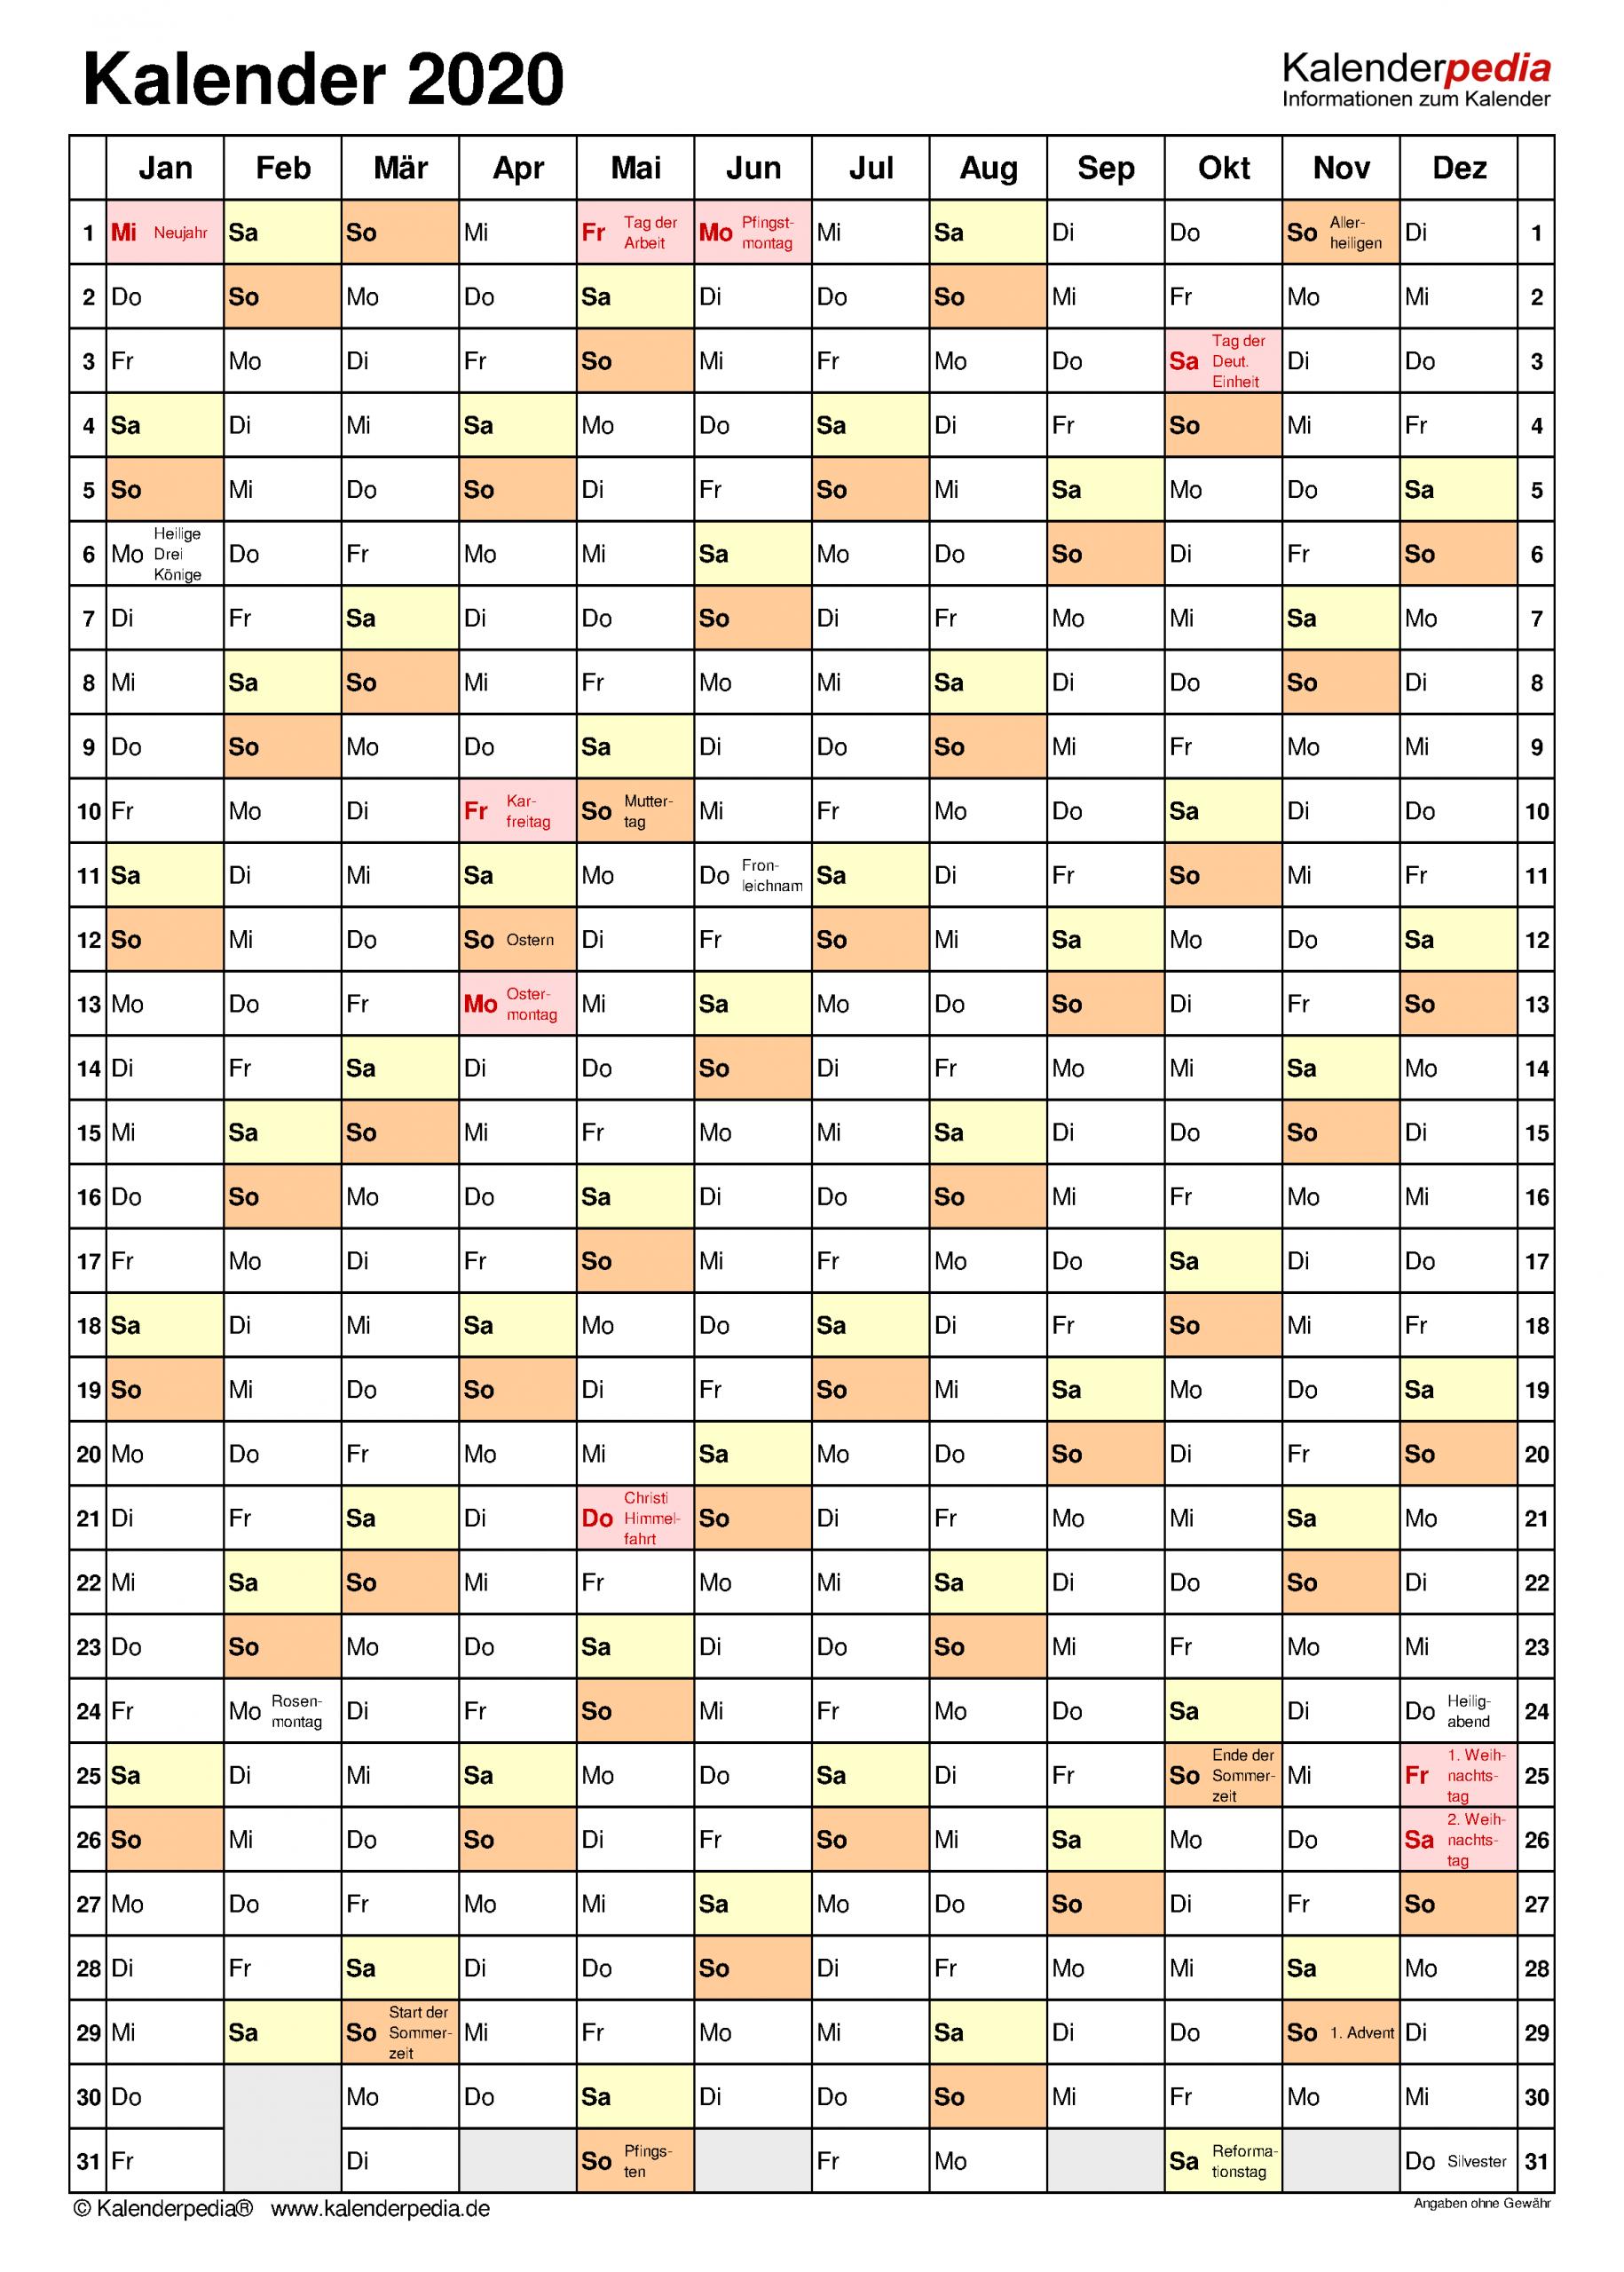 Kalender 2020 Word Zum Ausdrucken: 17 Vorlagen (Kostenlos) innen Vorlage Jahreskalender